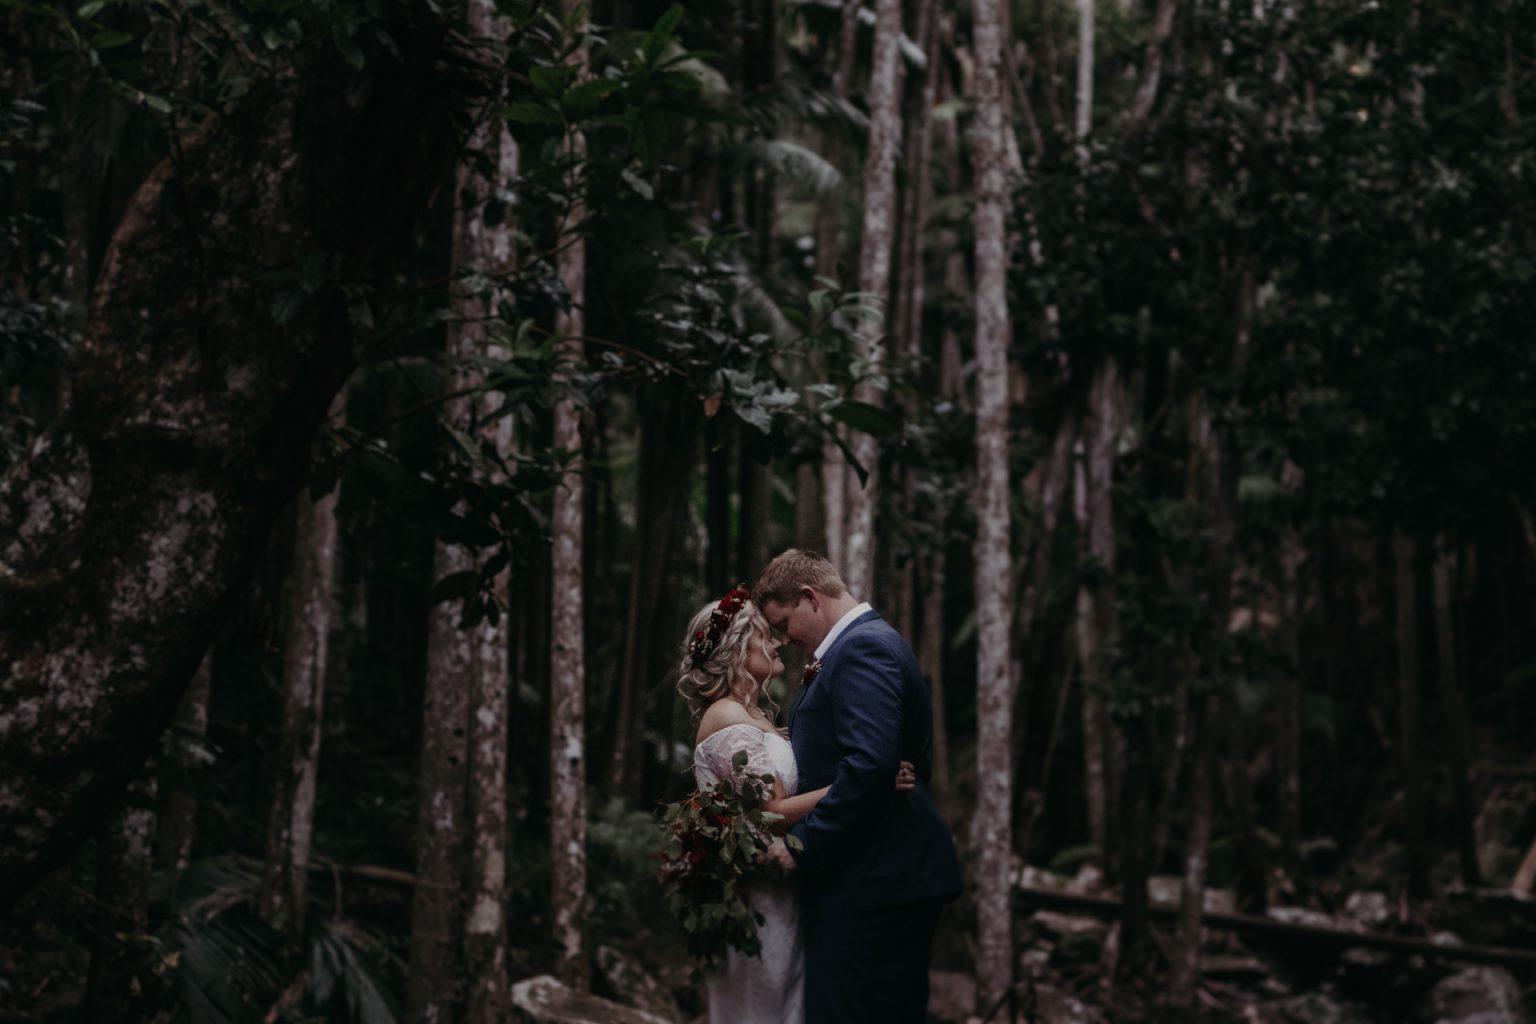 bride groom kiss in forest mt tamborine